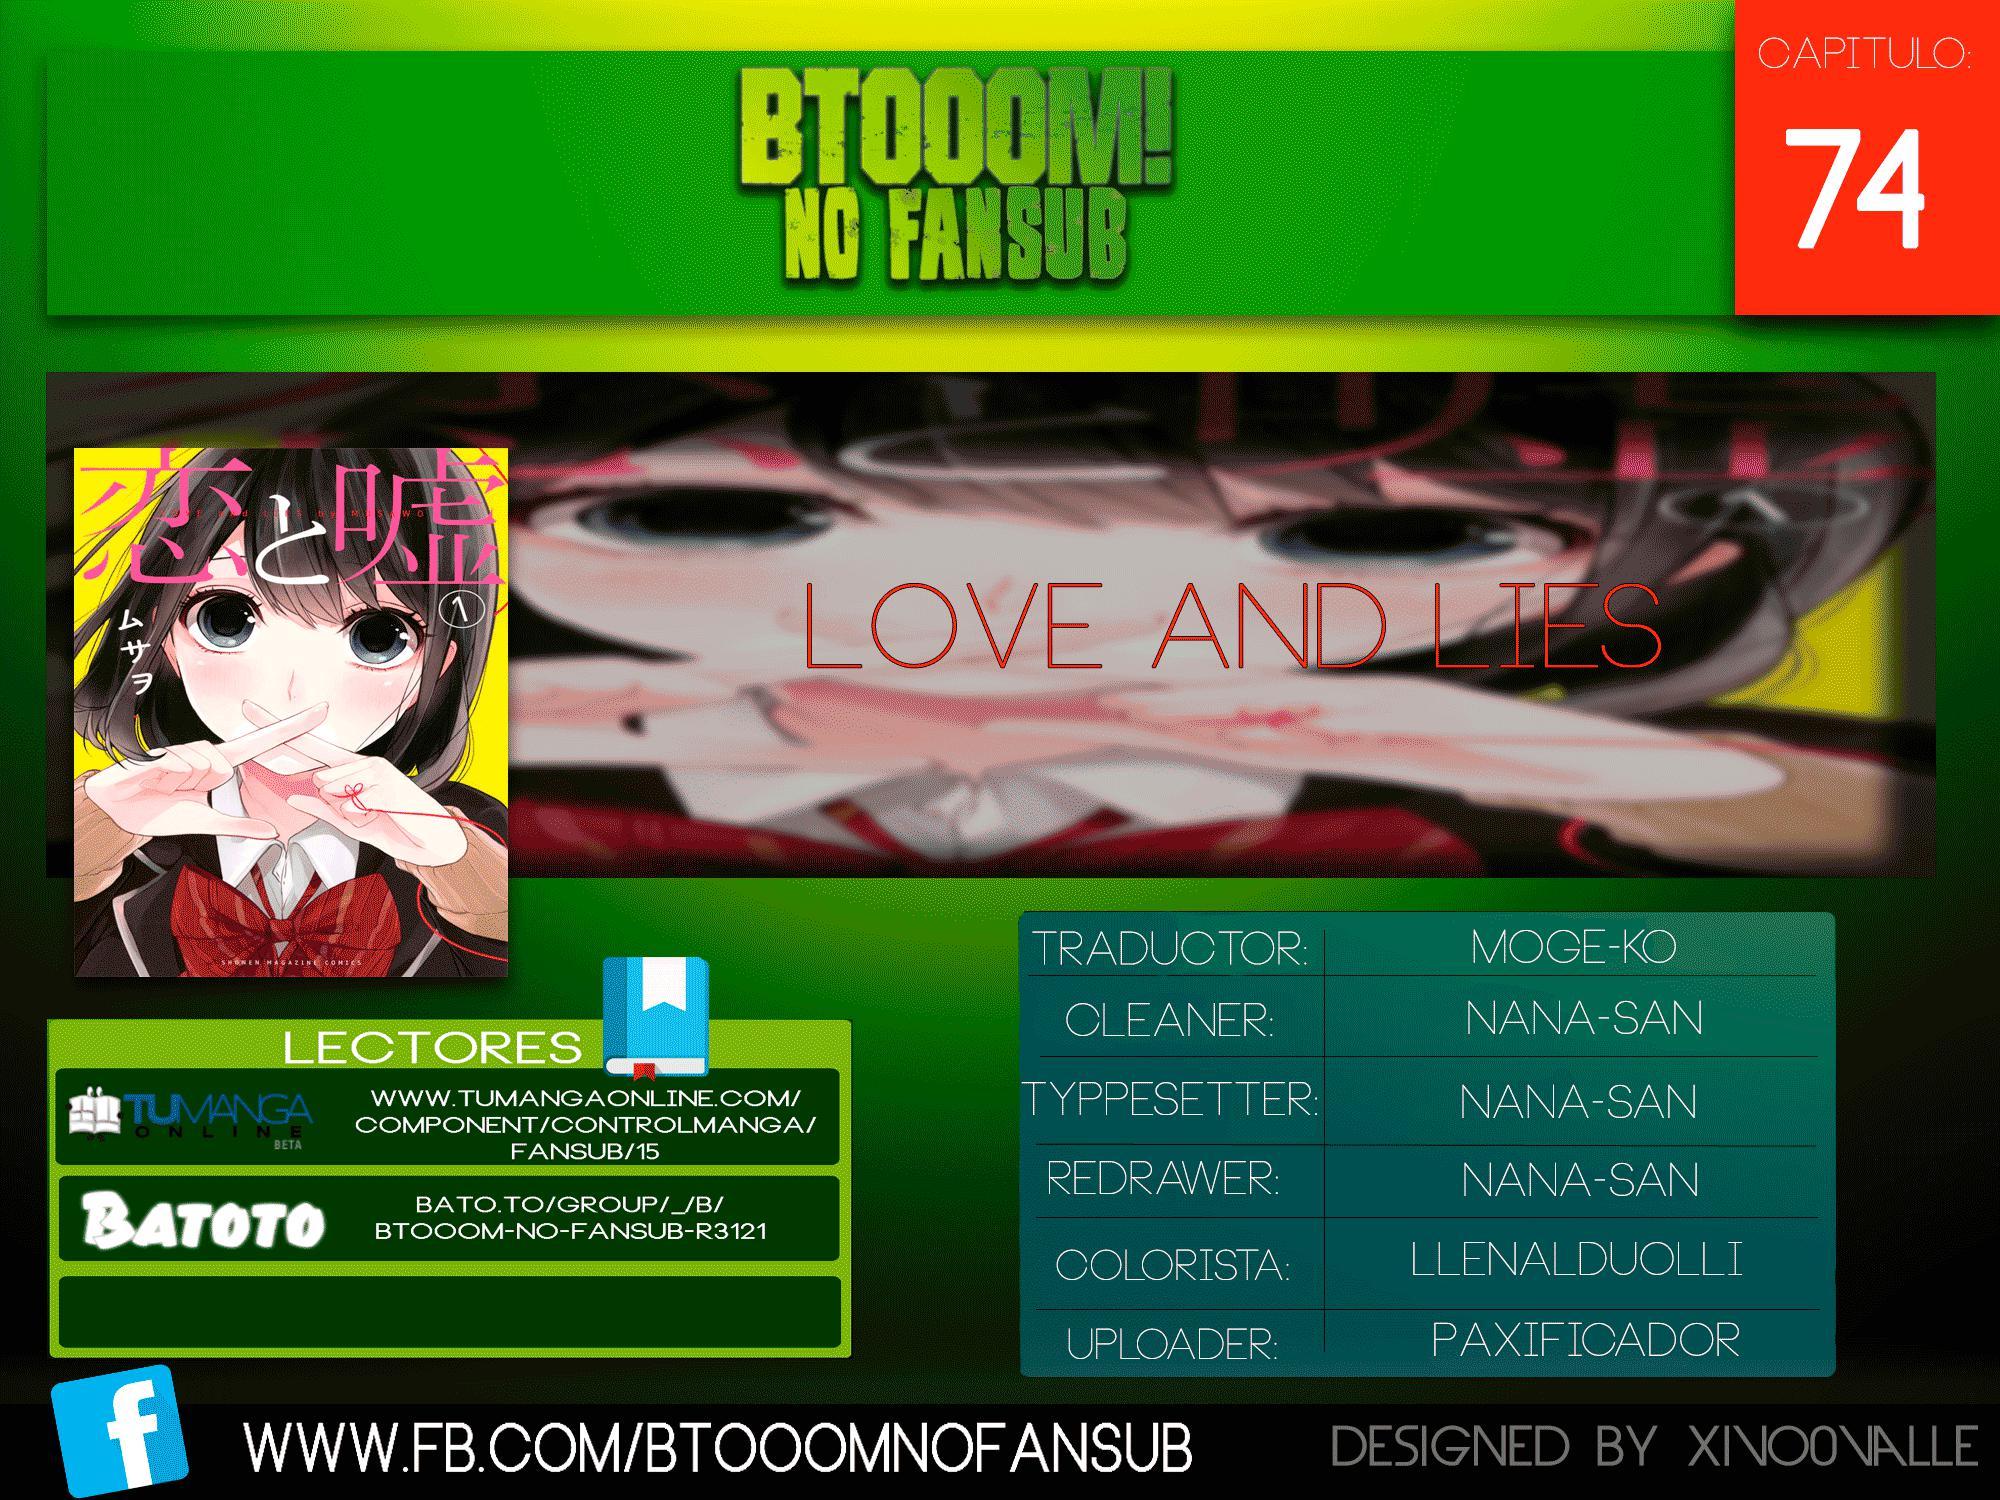 http://c5.ninemanga.com/es_manga/14/14734/440281/adc4b51b49fc307aa7f0a8b9015c51bf.jpg Page 1